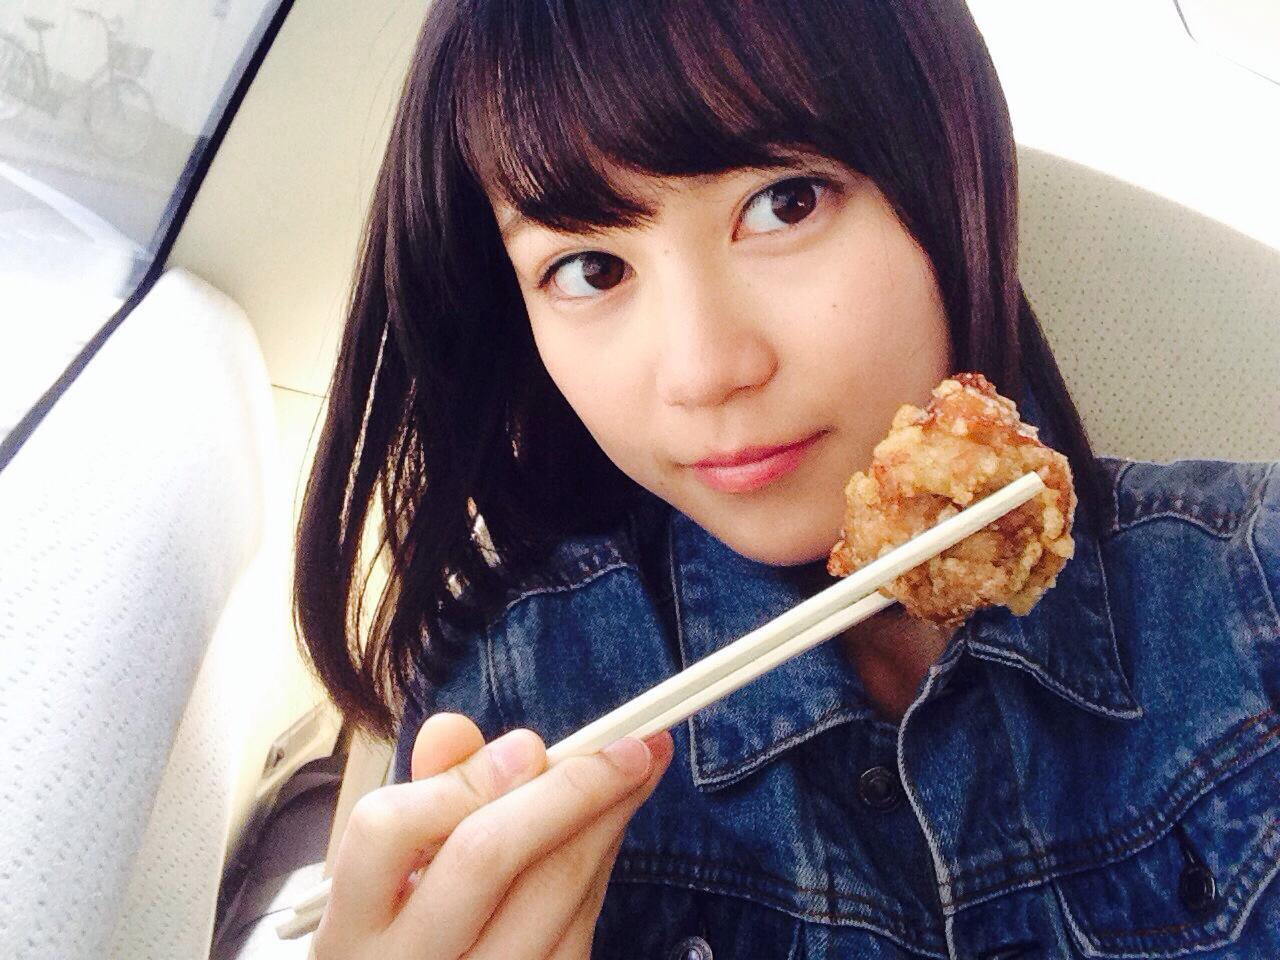 「生田絵梨花」の画像検索結果